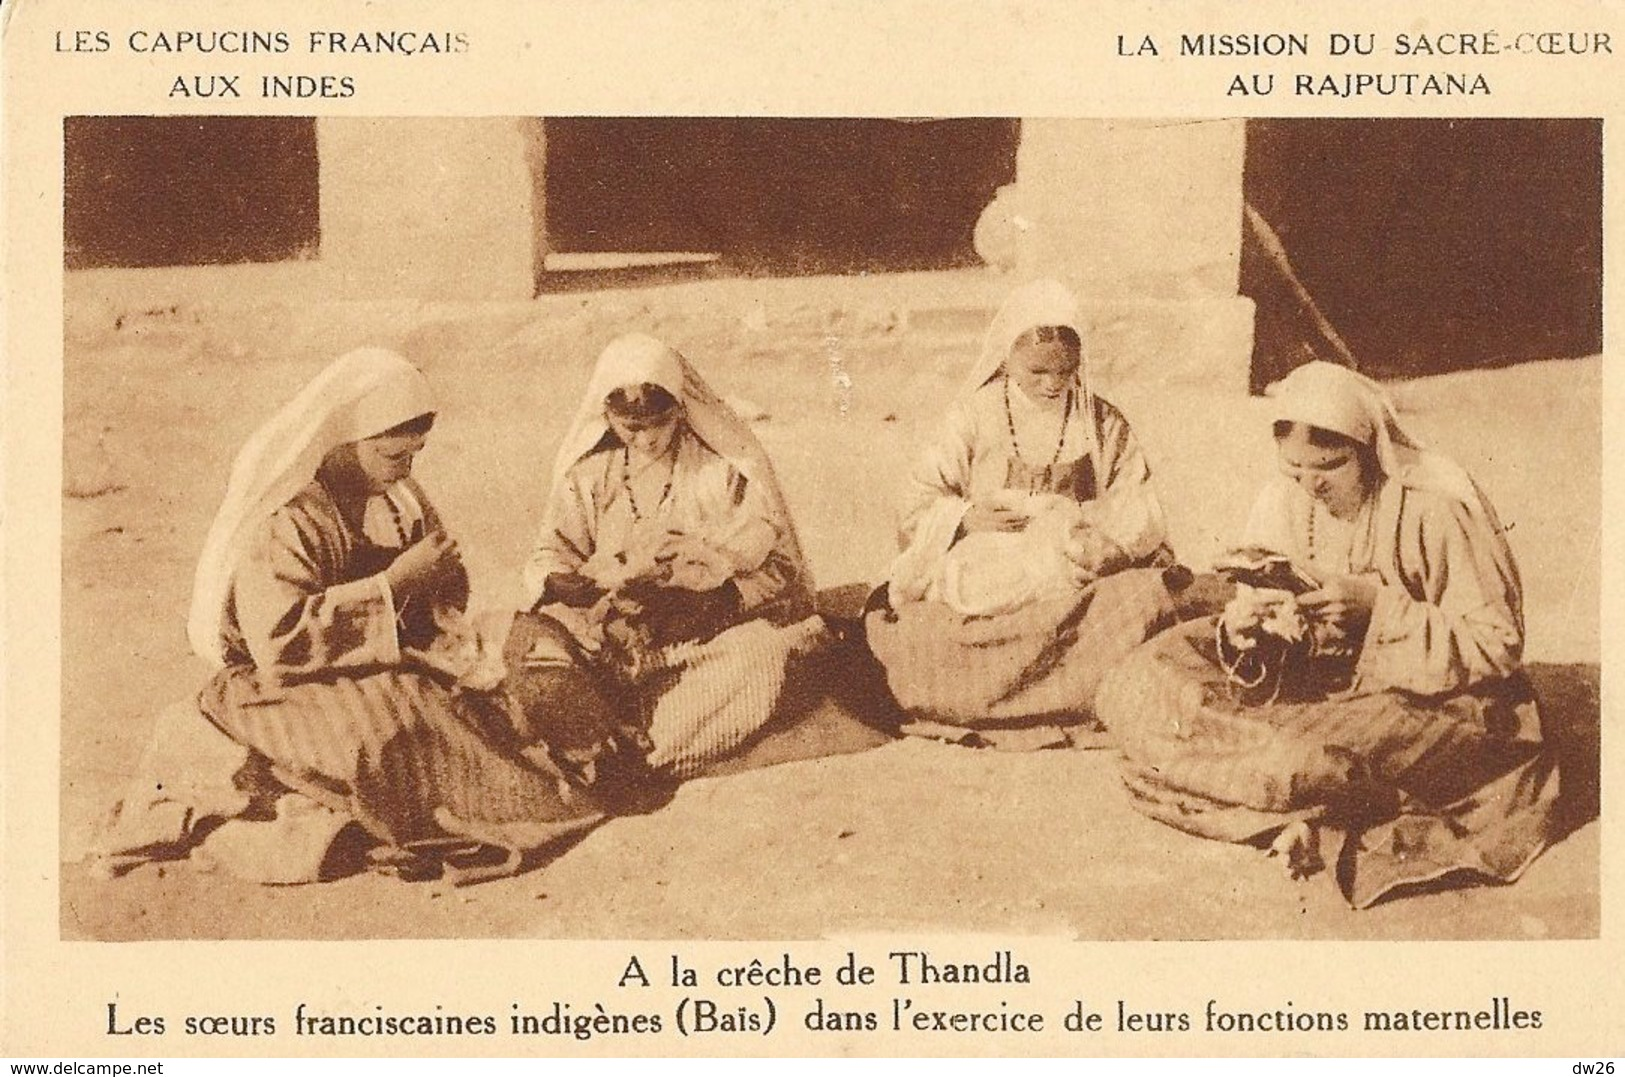 Mission Du Sacré-Coeur Au Rajputana (Inde) - A La Crèche De Thandla, Les Soeurs Franciscaines Indigènes (Baïs) - Missions